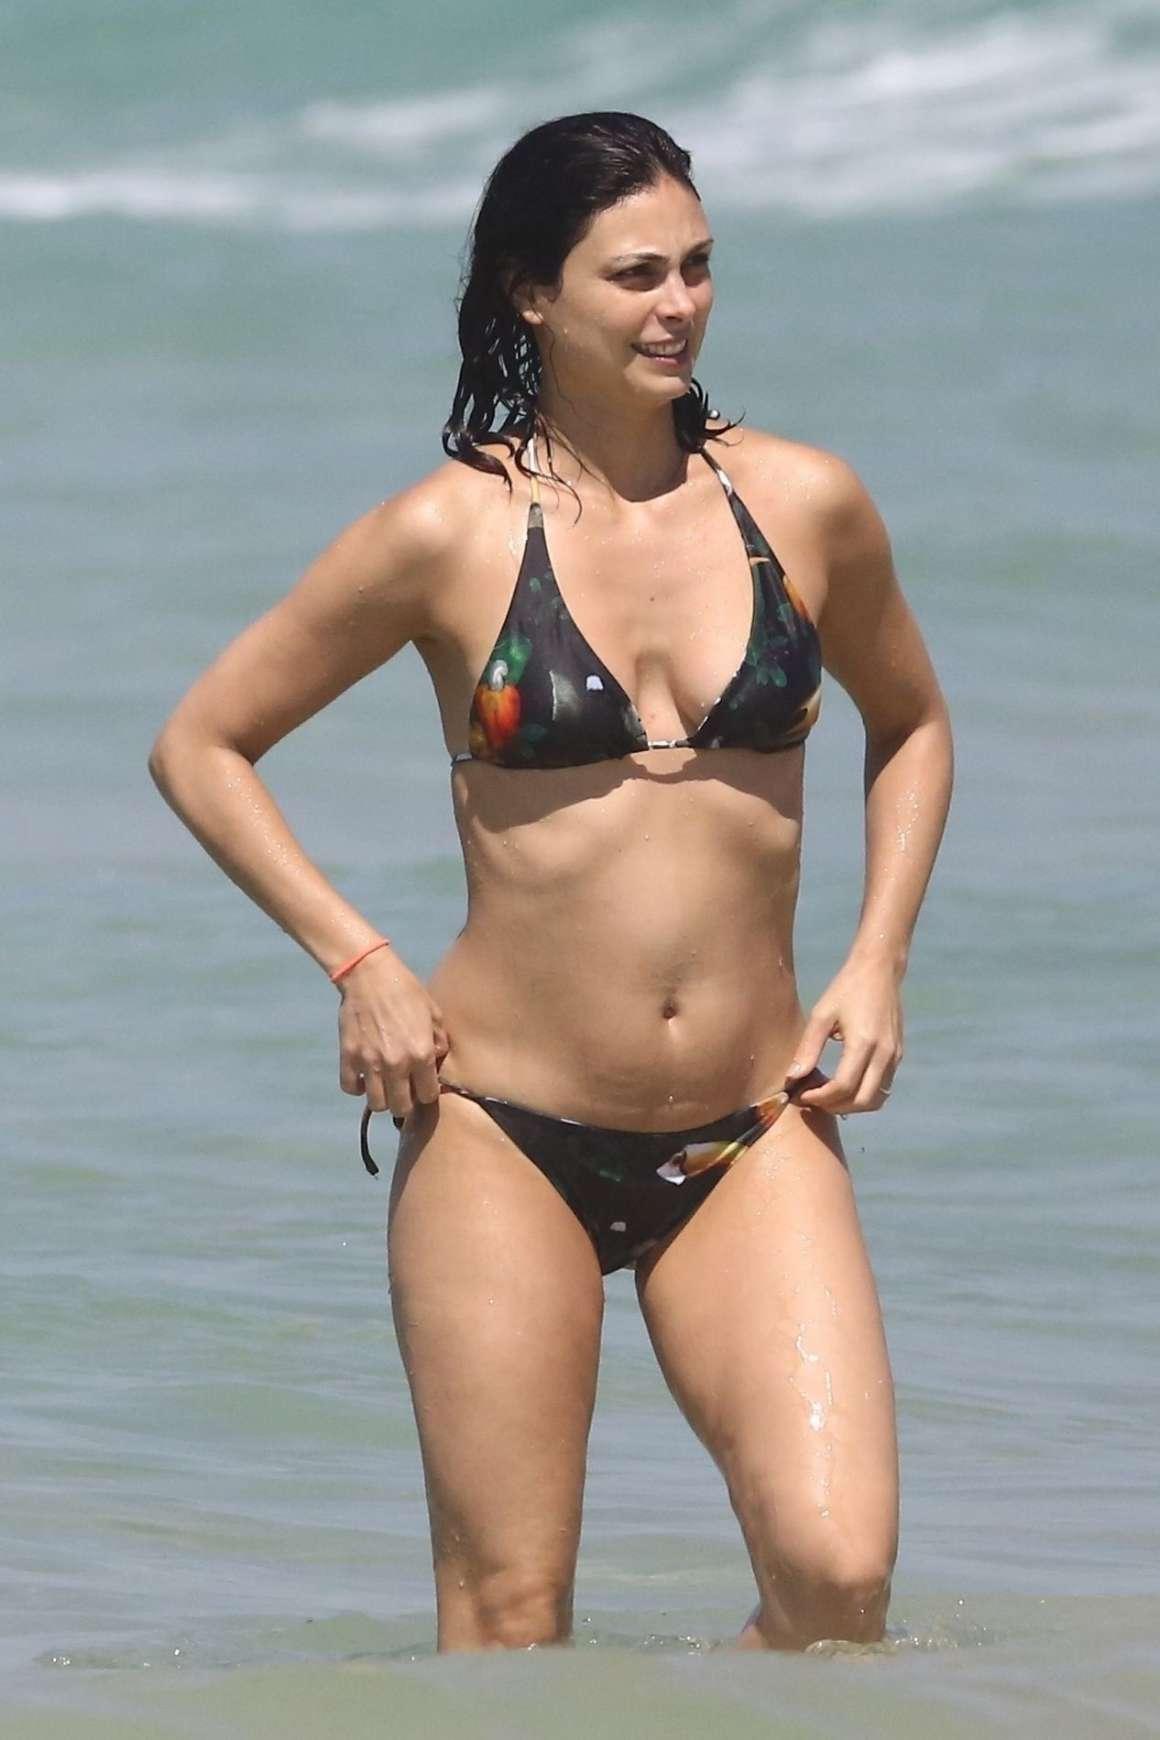 Morena Baccarin 2019 : Morena Baccarin in Bikini 2019 -13